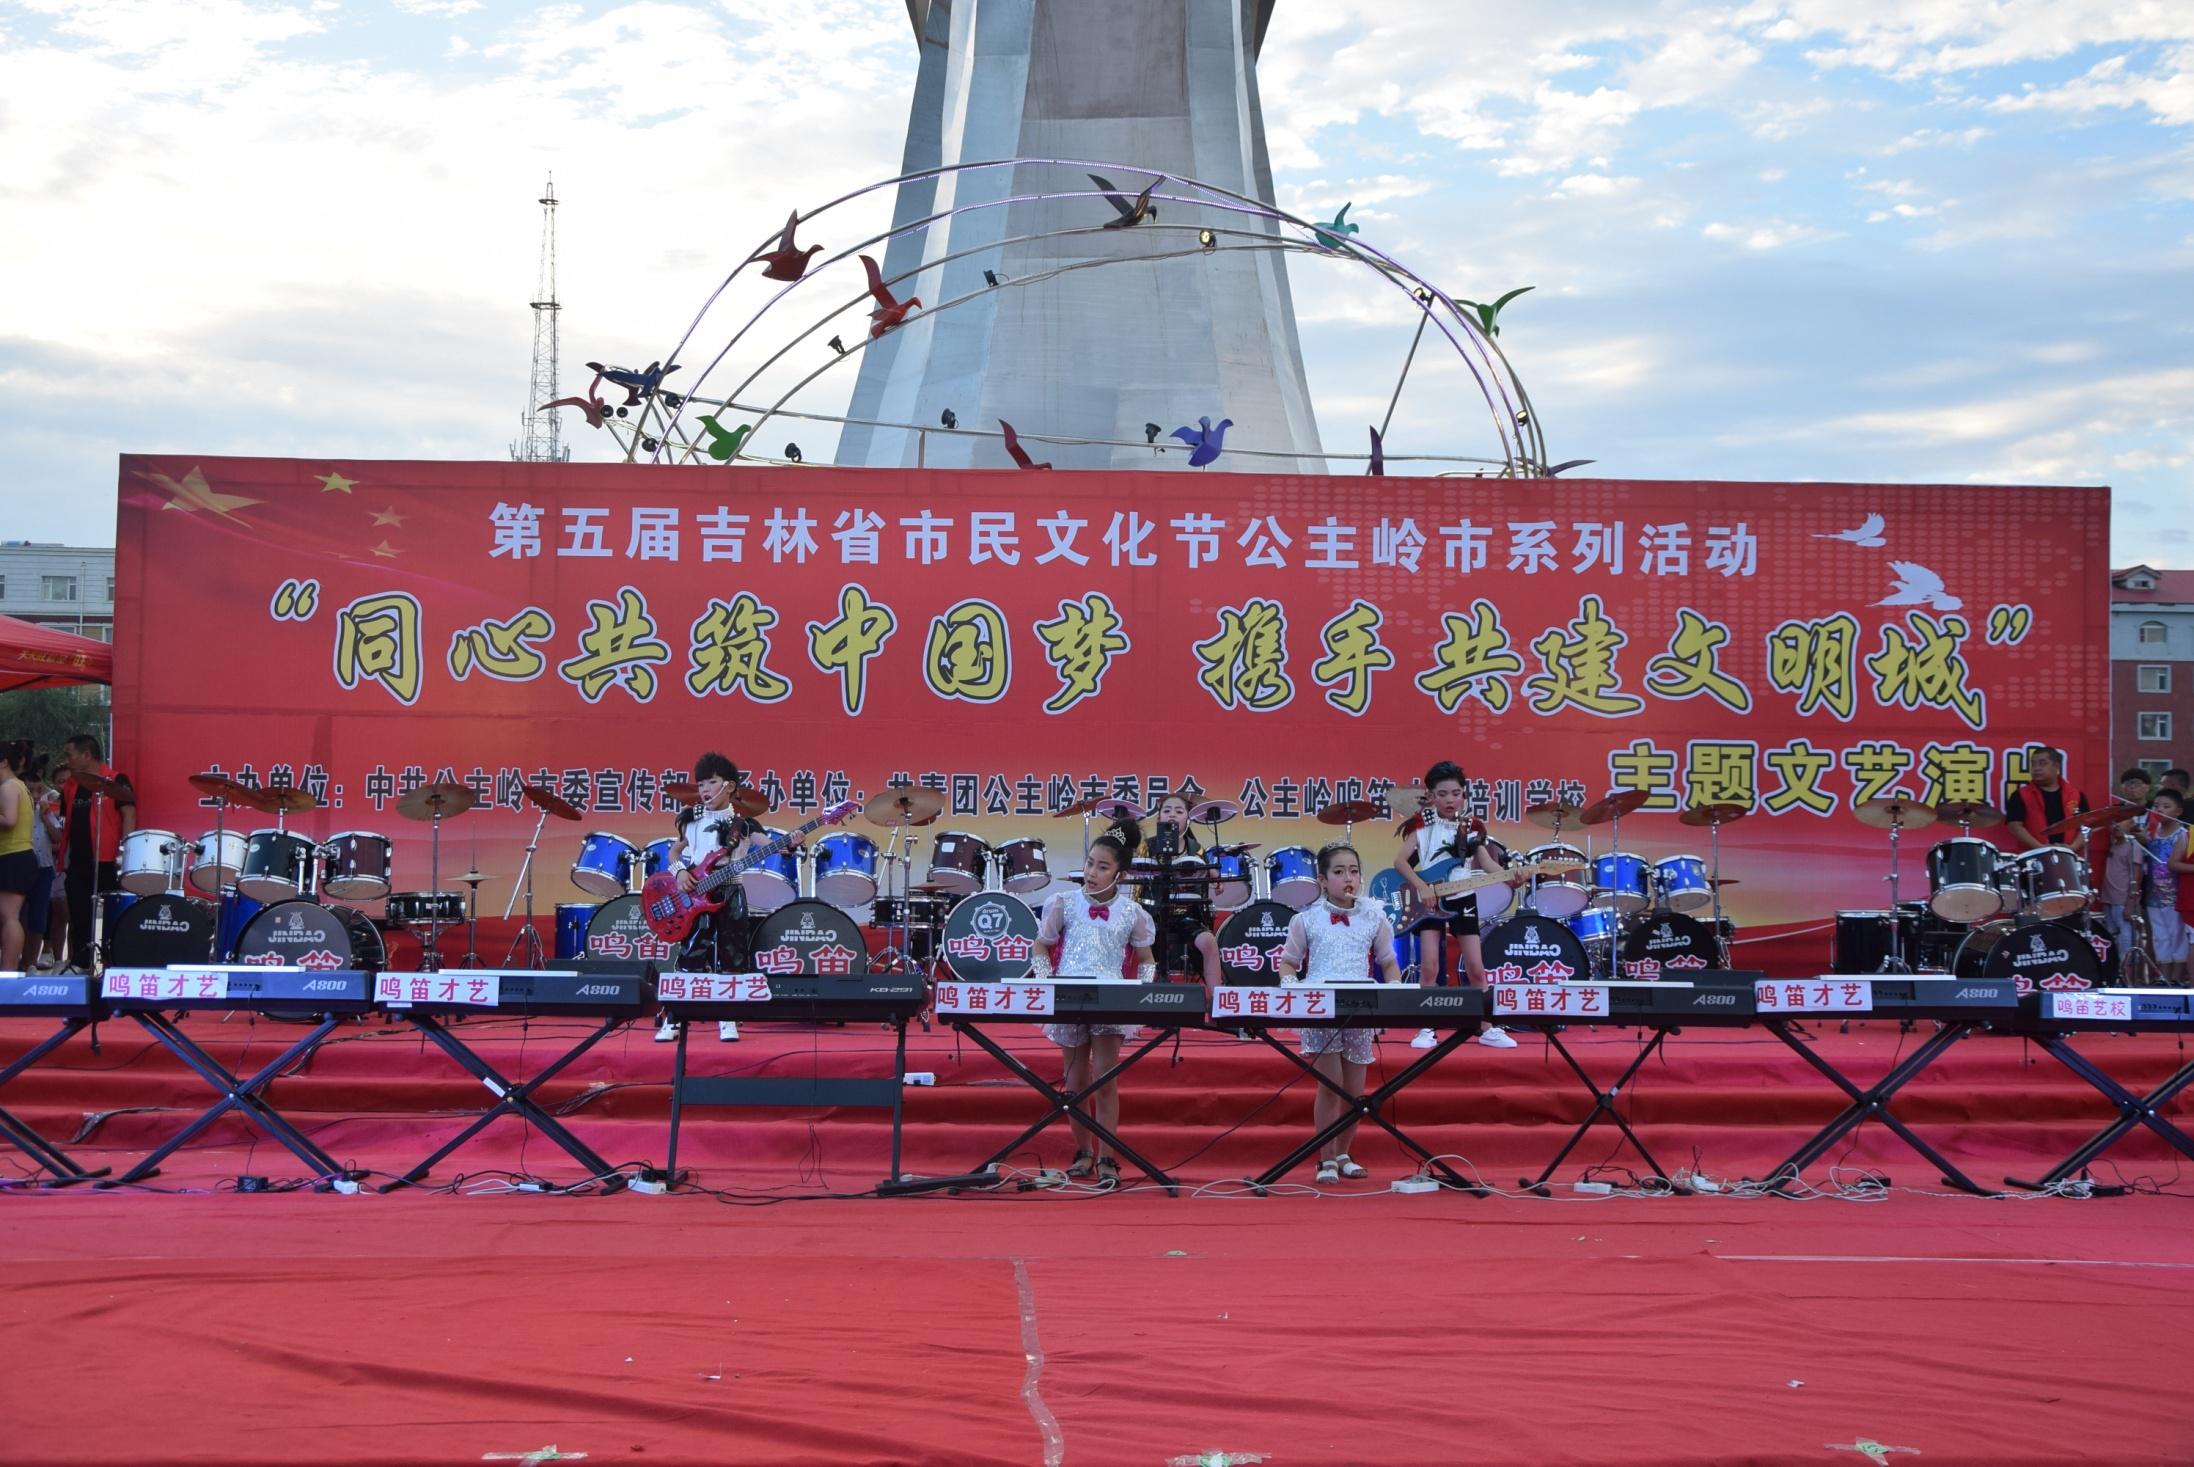 庆祝改革开放40周年 第五届吉林省市民文化节活动精彩上演